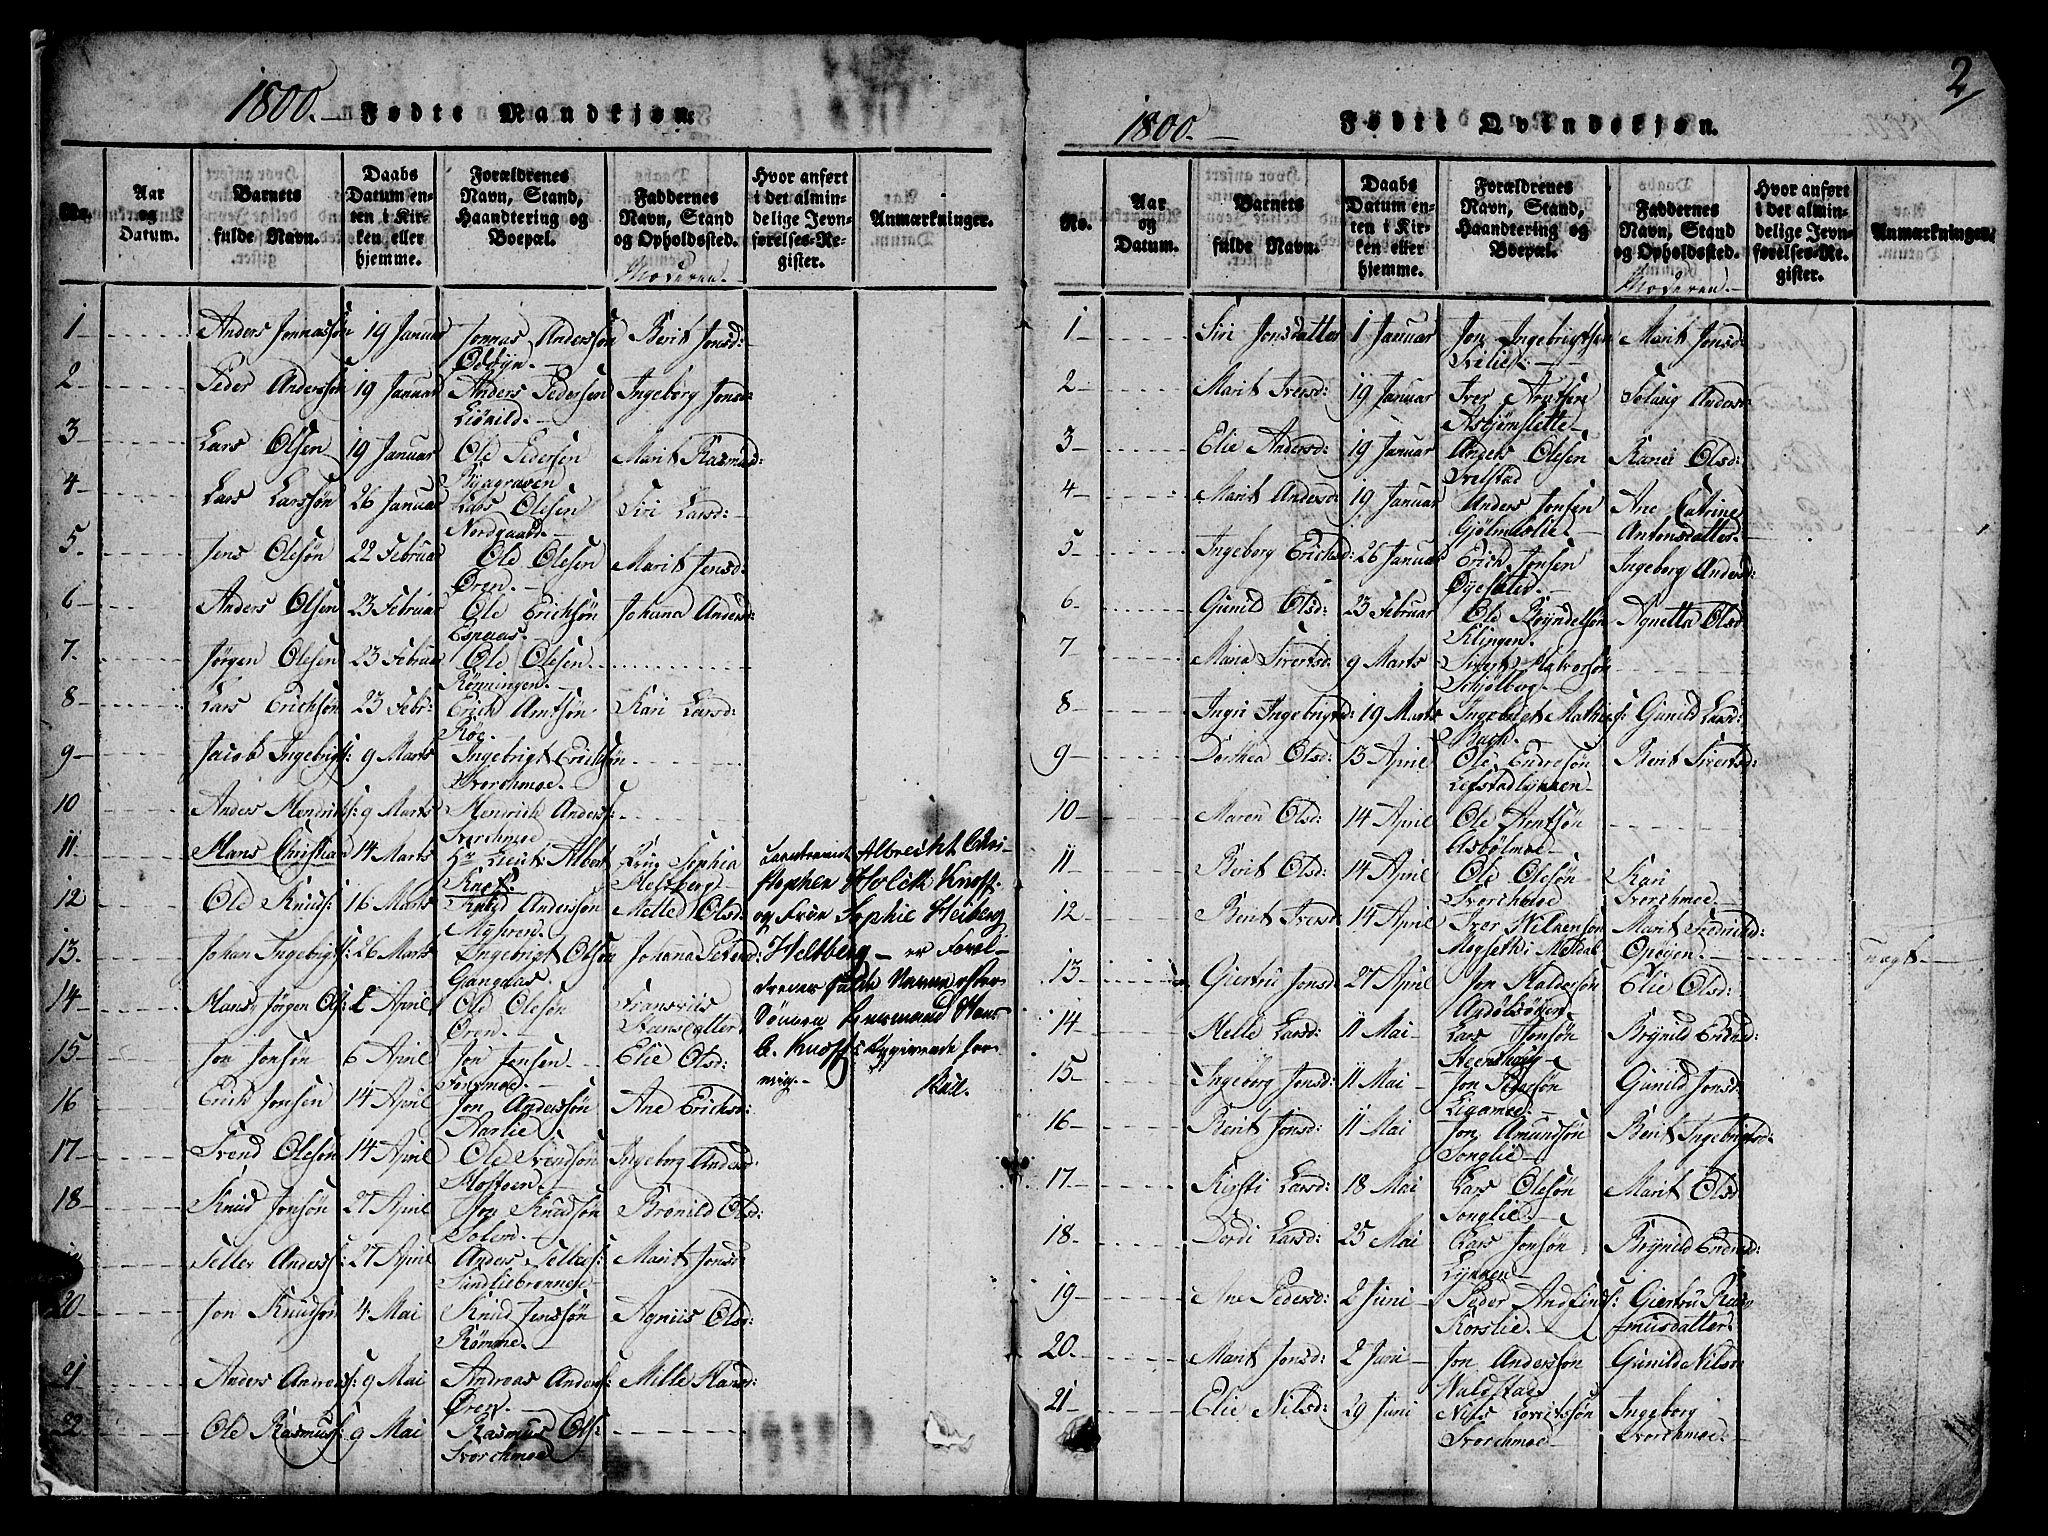 SAT, Ministerialprotokoller, klokkerbøker og fødselsregistre - Sør-Trøndelag, 668/L0803: Ministerialbok nr. 668A03, 1800-1826, s. 2